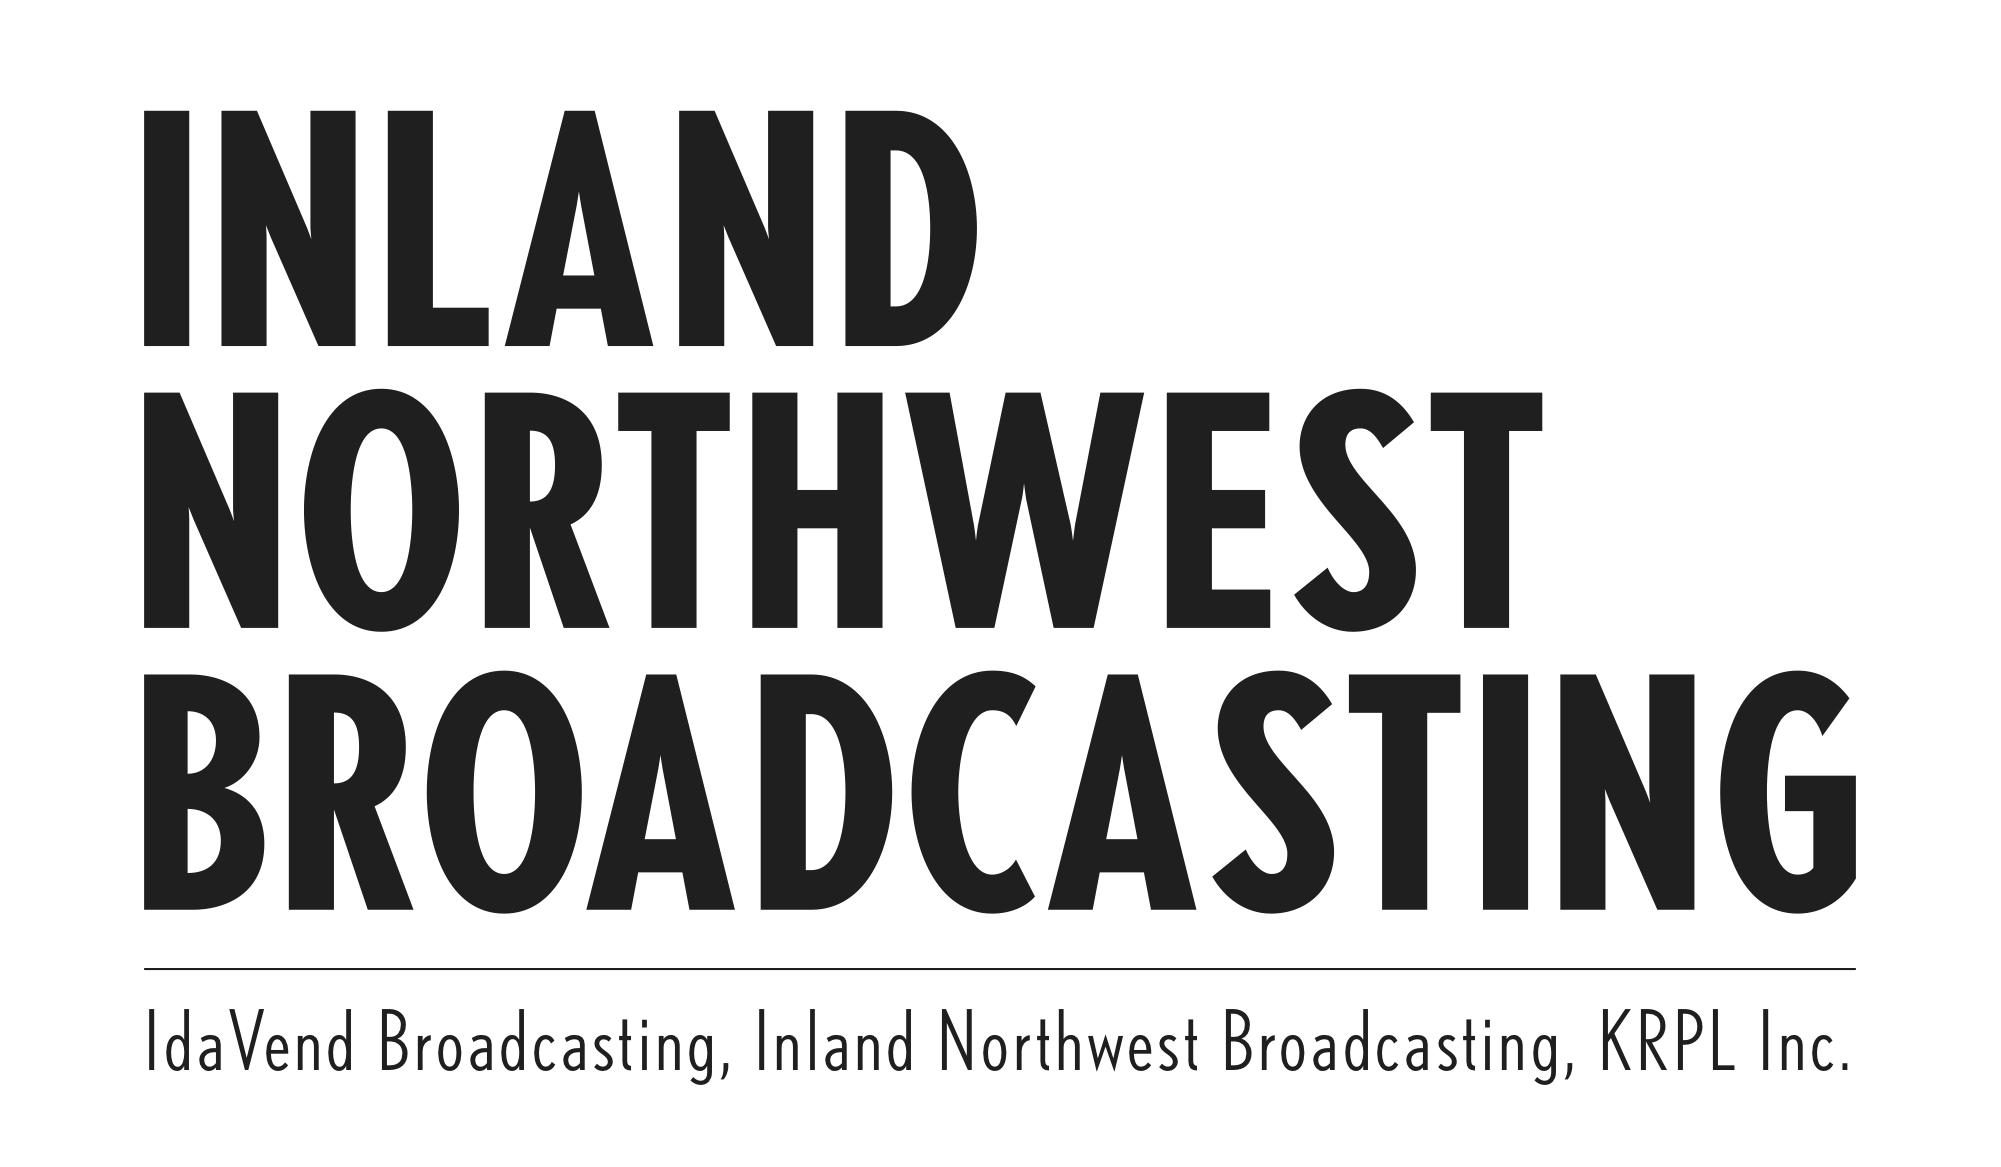 Inland Northwest